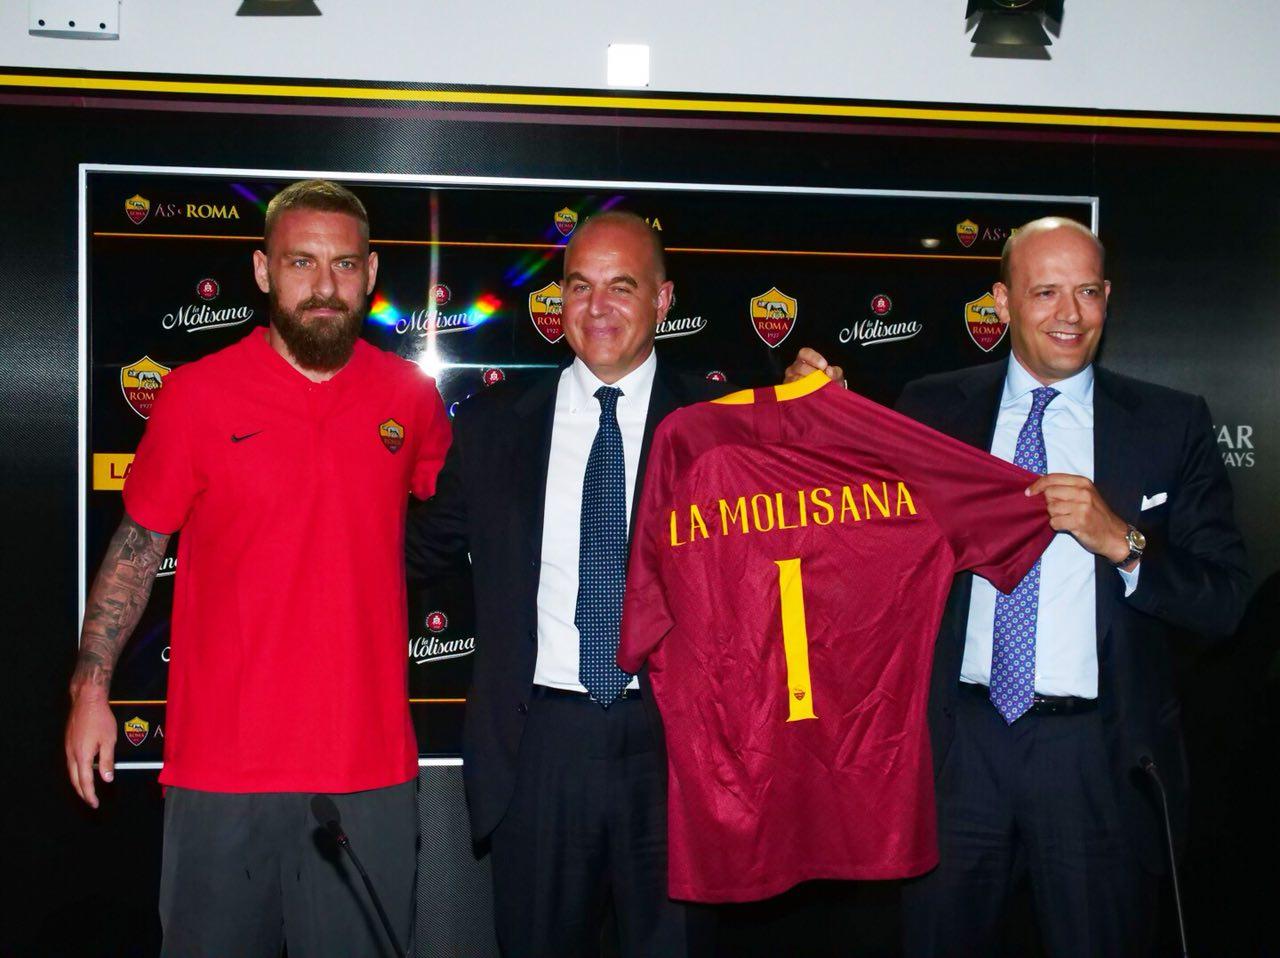 roma sponsor la molisana